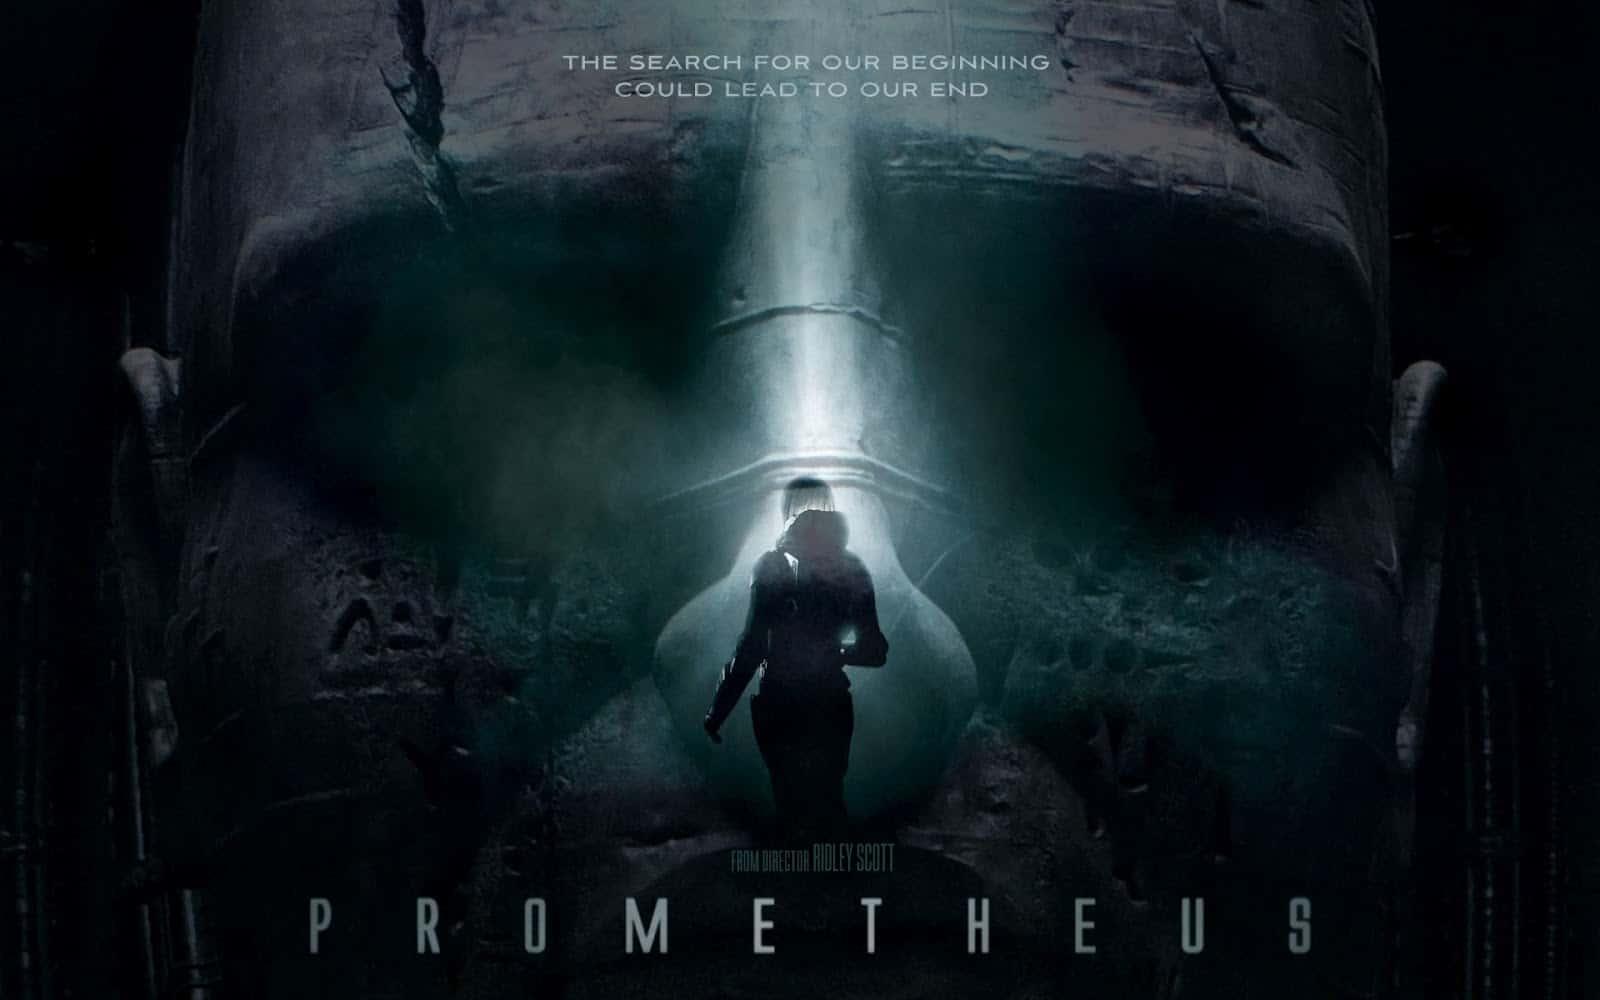 Prométheus, sorti en 2012, avait déçu beaucoup de monde, et surtout les fans inconditionnels de la saga Alien.Sa promotion, avait été intense et en partie mensongère : toute l'équipe du film s'étant acharnée à expliquer qu'il ne s'agissait pas d'un préquel du film, sauf Mickael Fassbender, l'un de ses acteurs principaux. Le problème est que […]